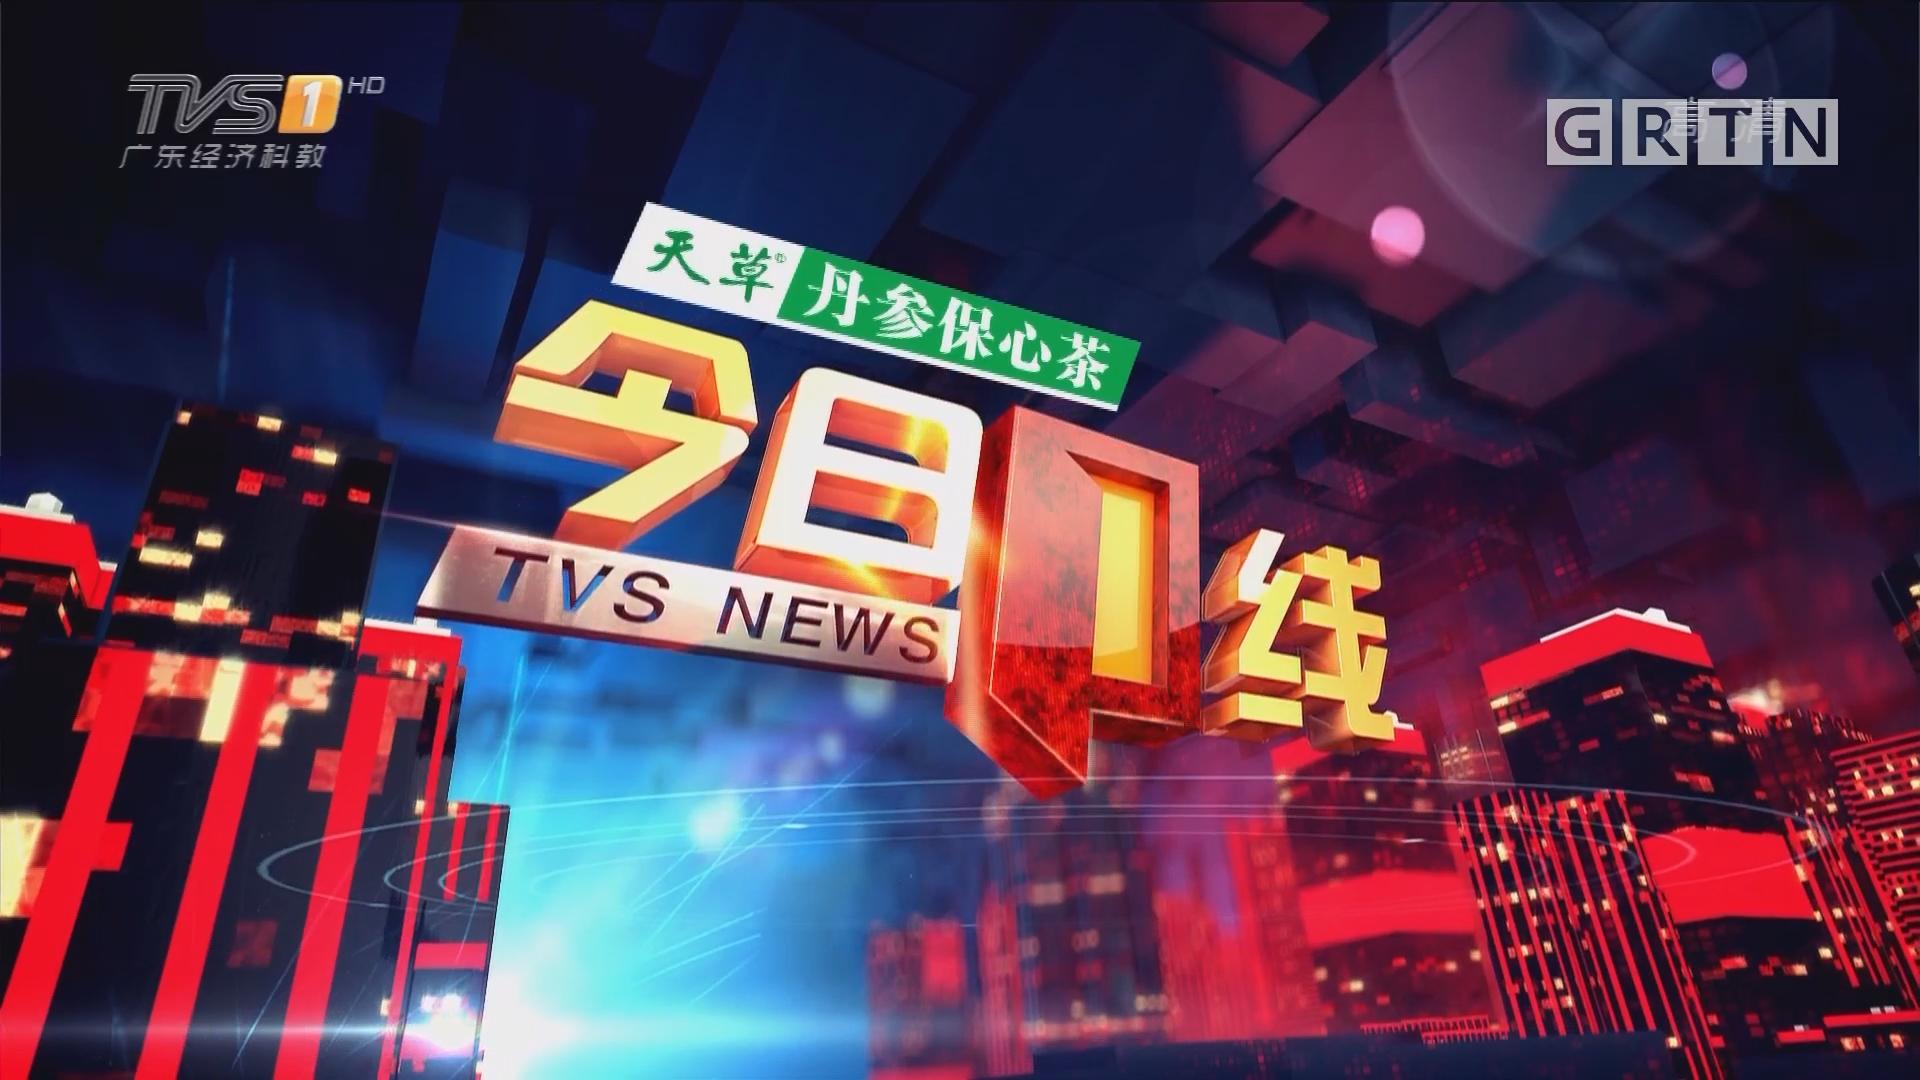 [2018-05-05]今日一线:惠州大亚湾区:大亚湾安监执法 严查危化品储藏黑窝点